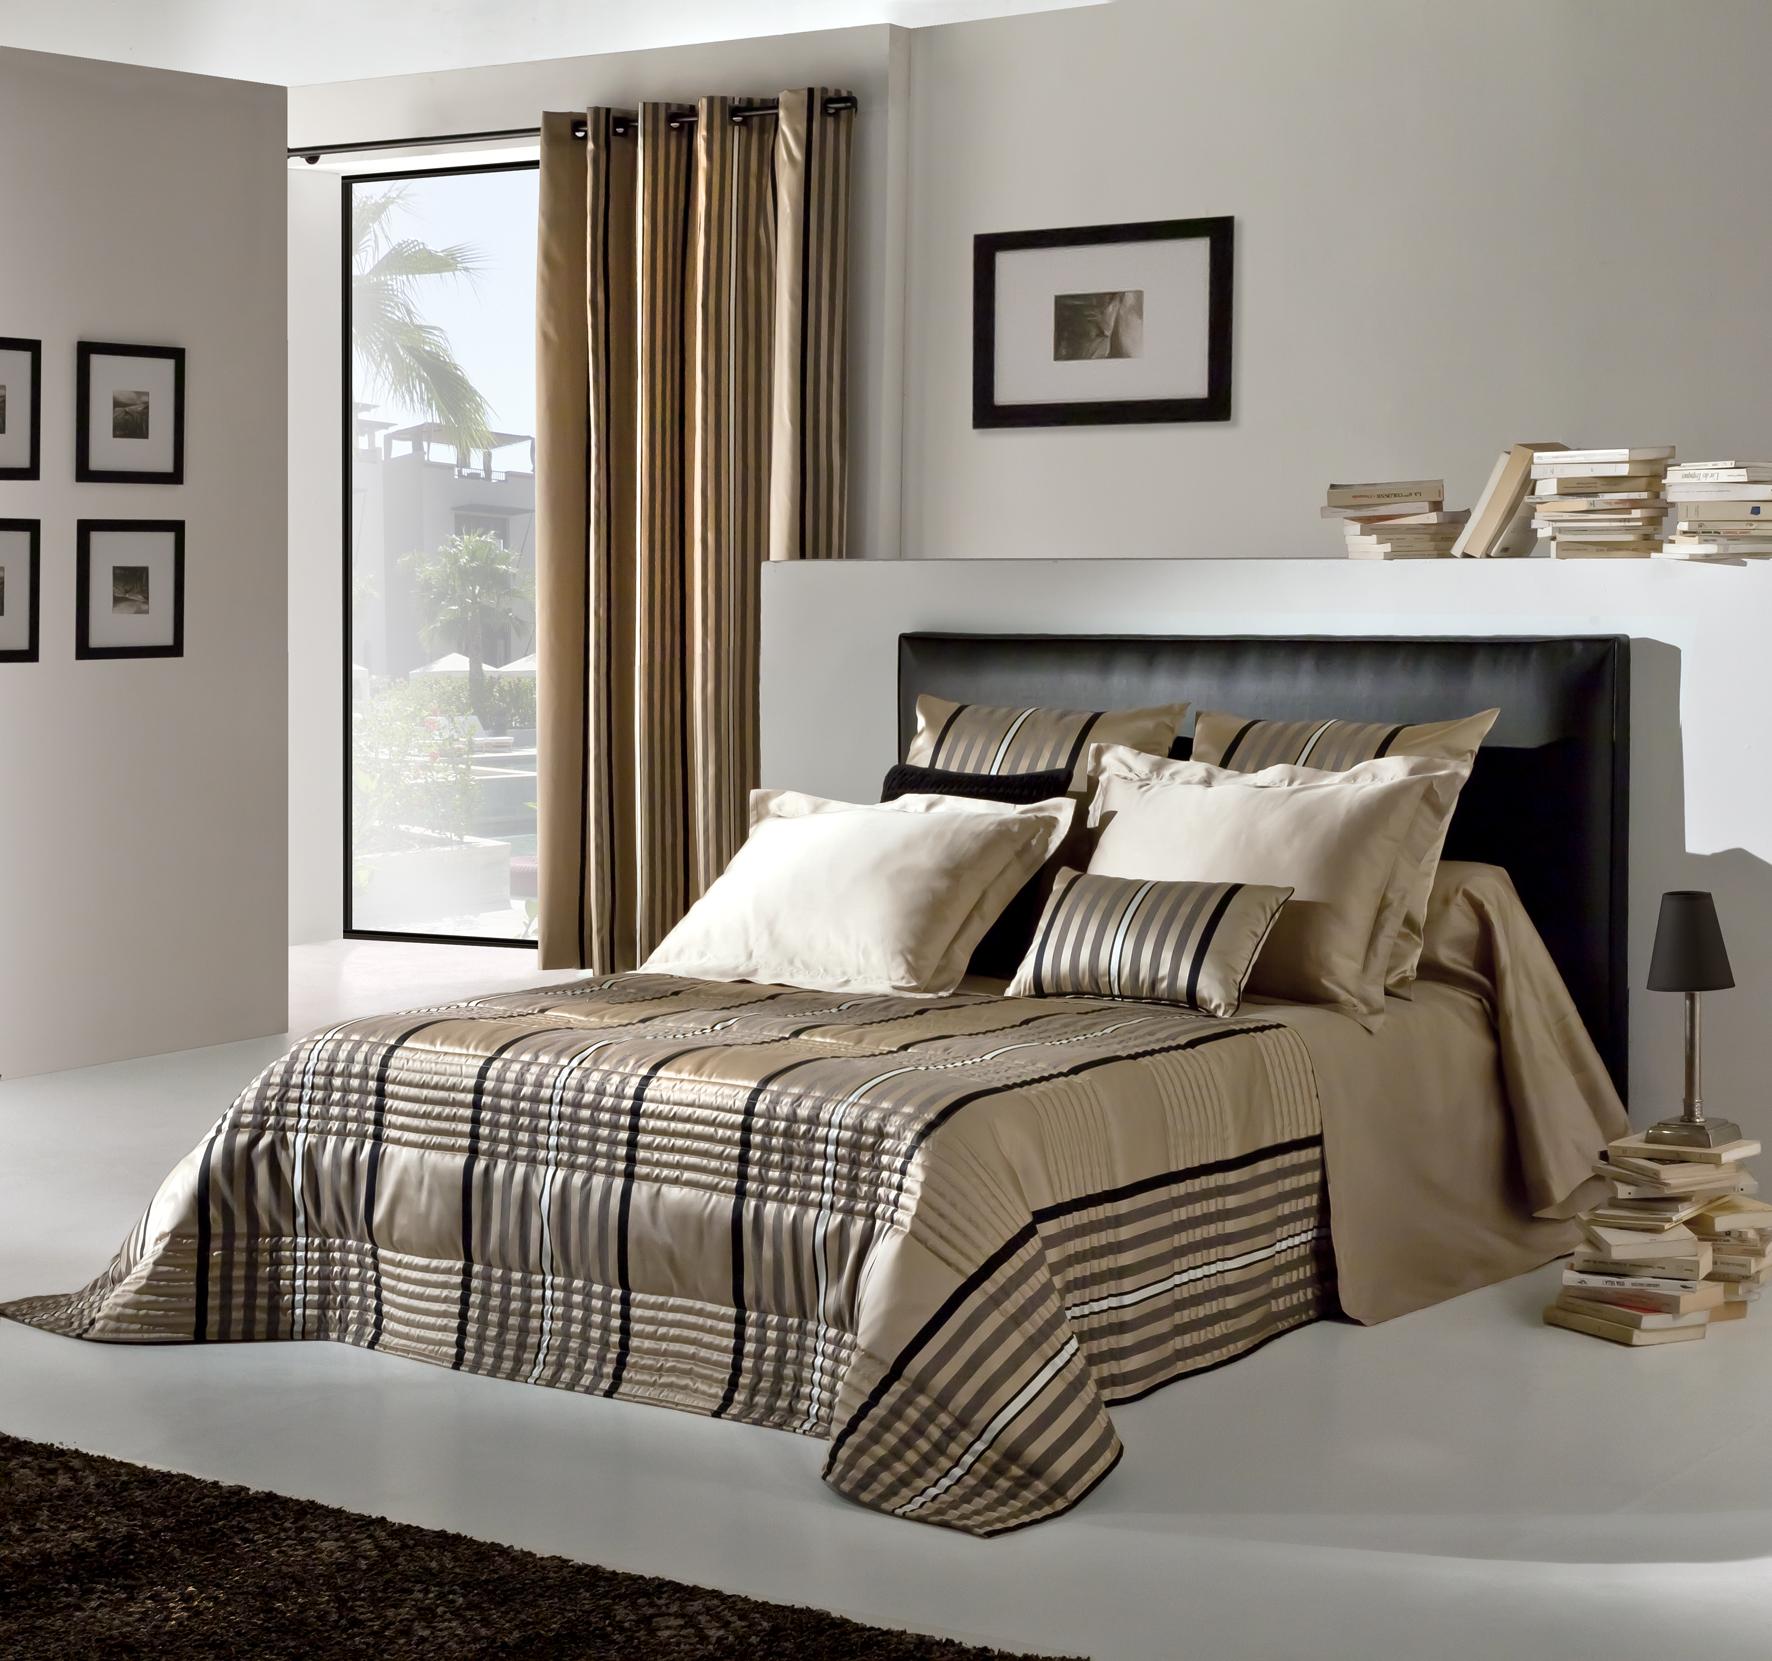 couvre lit club sand michel viaud couturier de la maison. Black Bedroom Furniture Sets. Home Design Ideas